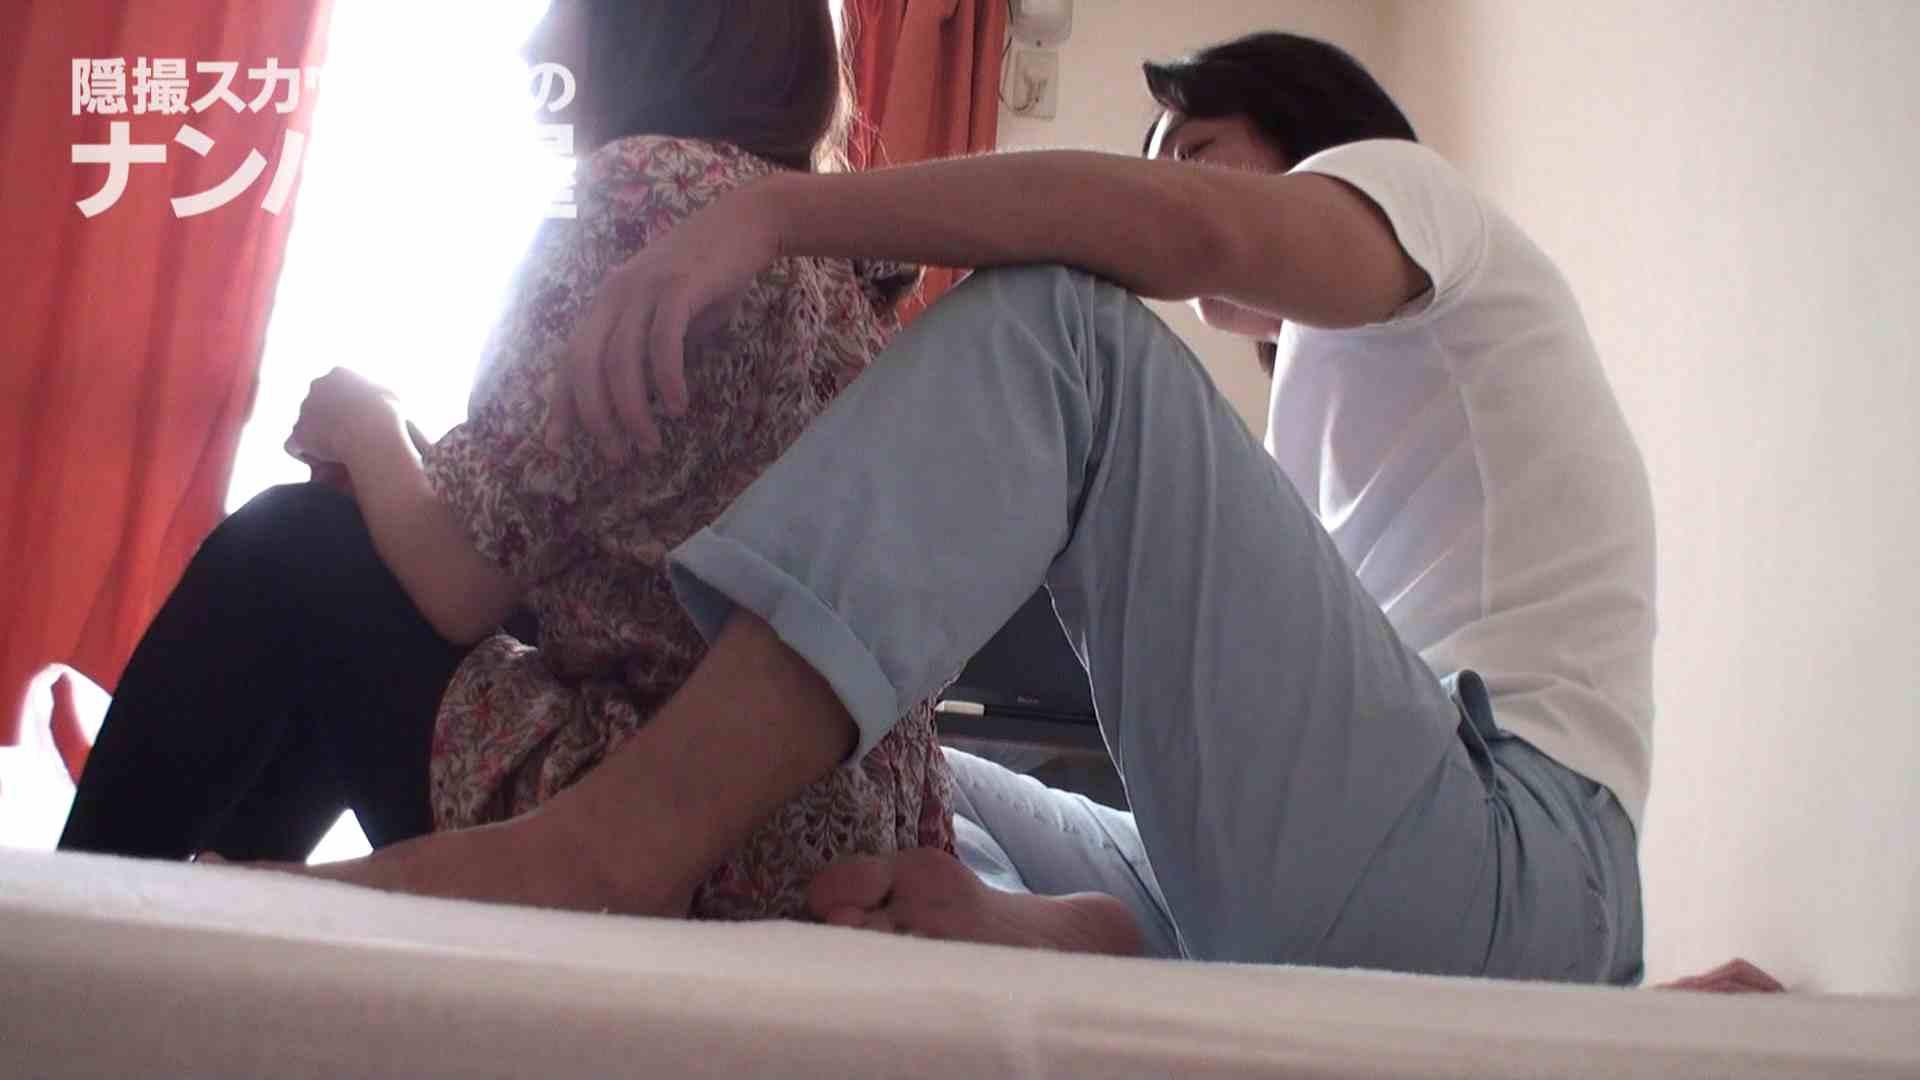 隠撮スカウトマンのナンパ部屋~風俗デビュー前のつまみ食い~ sii 隠撮 | 脱衣所  94pic 16